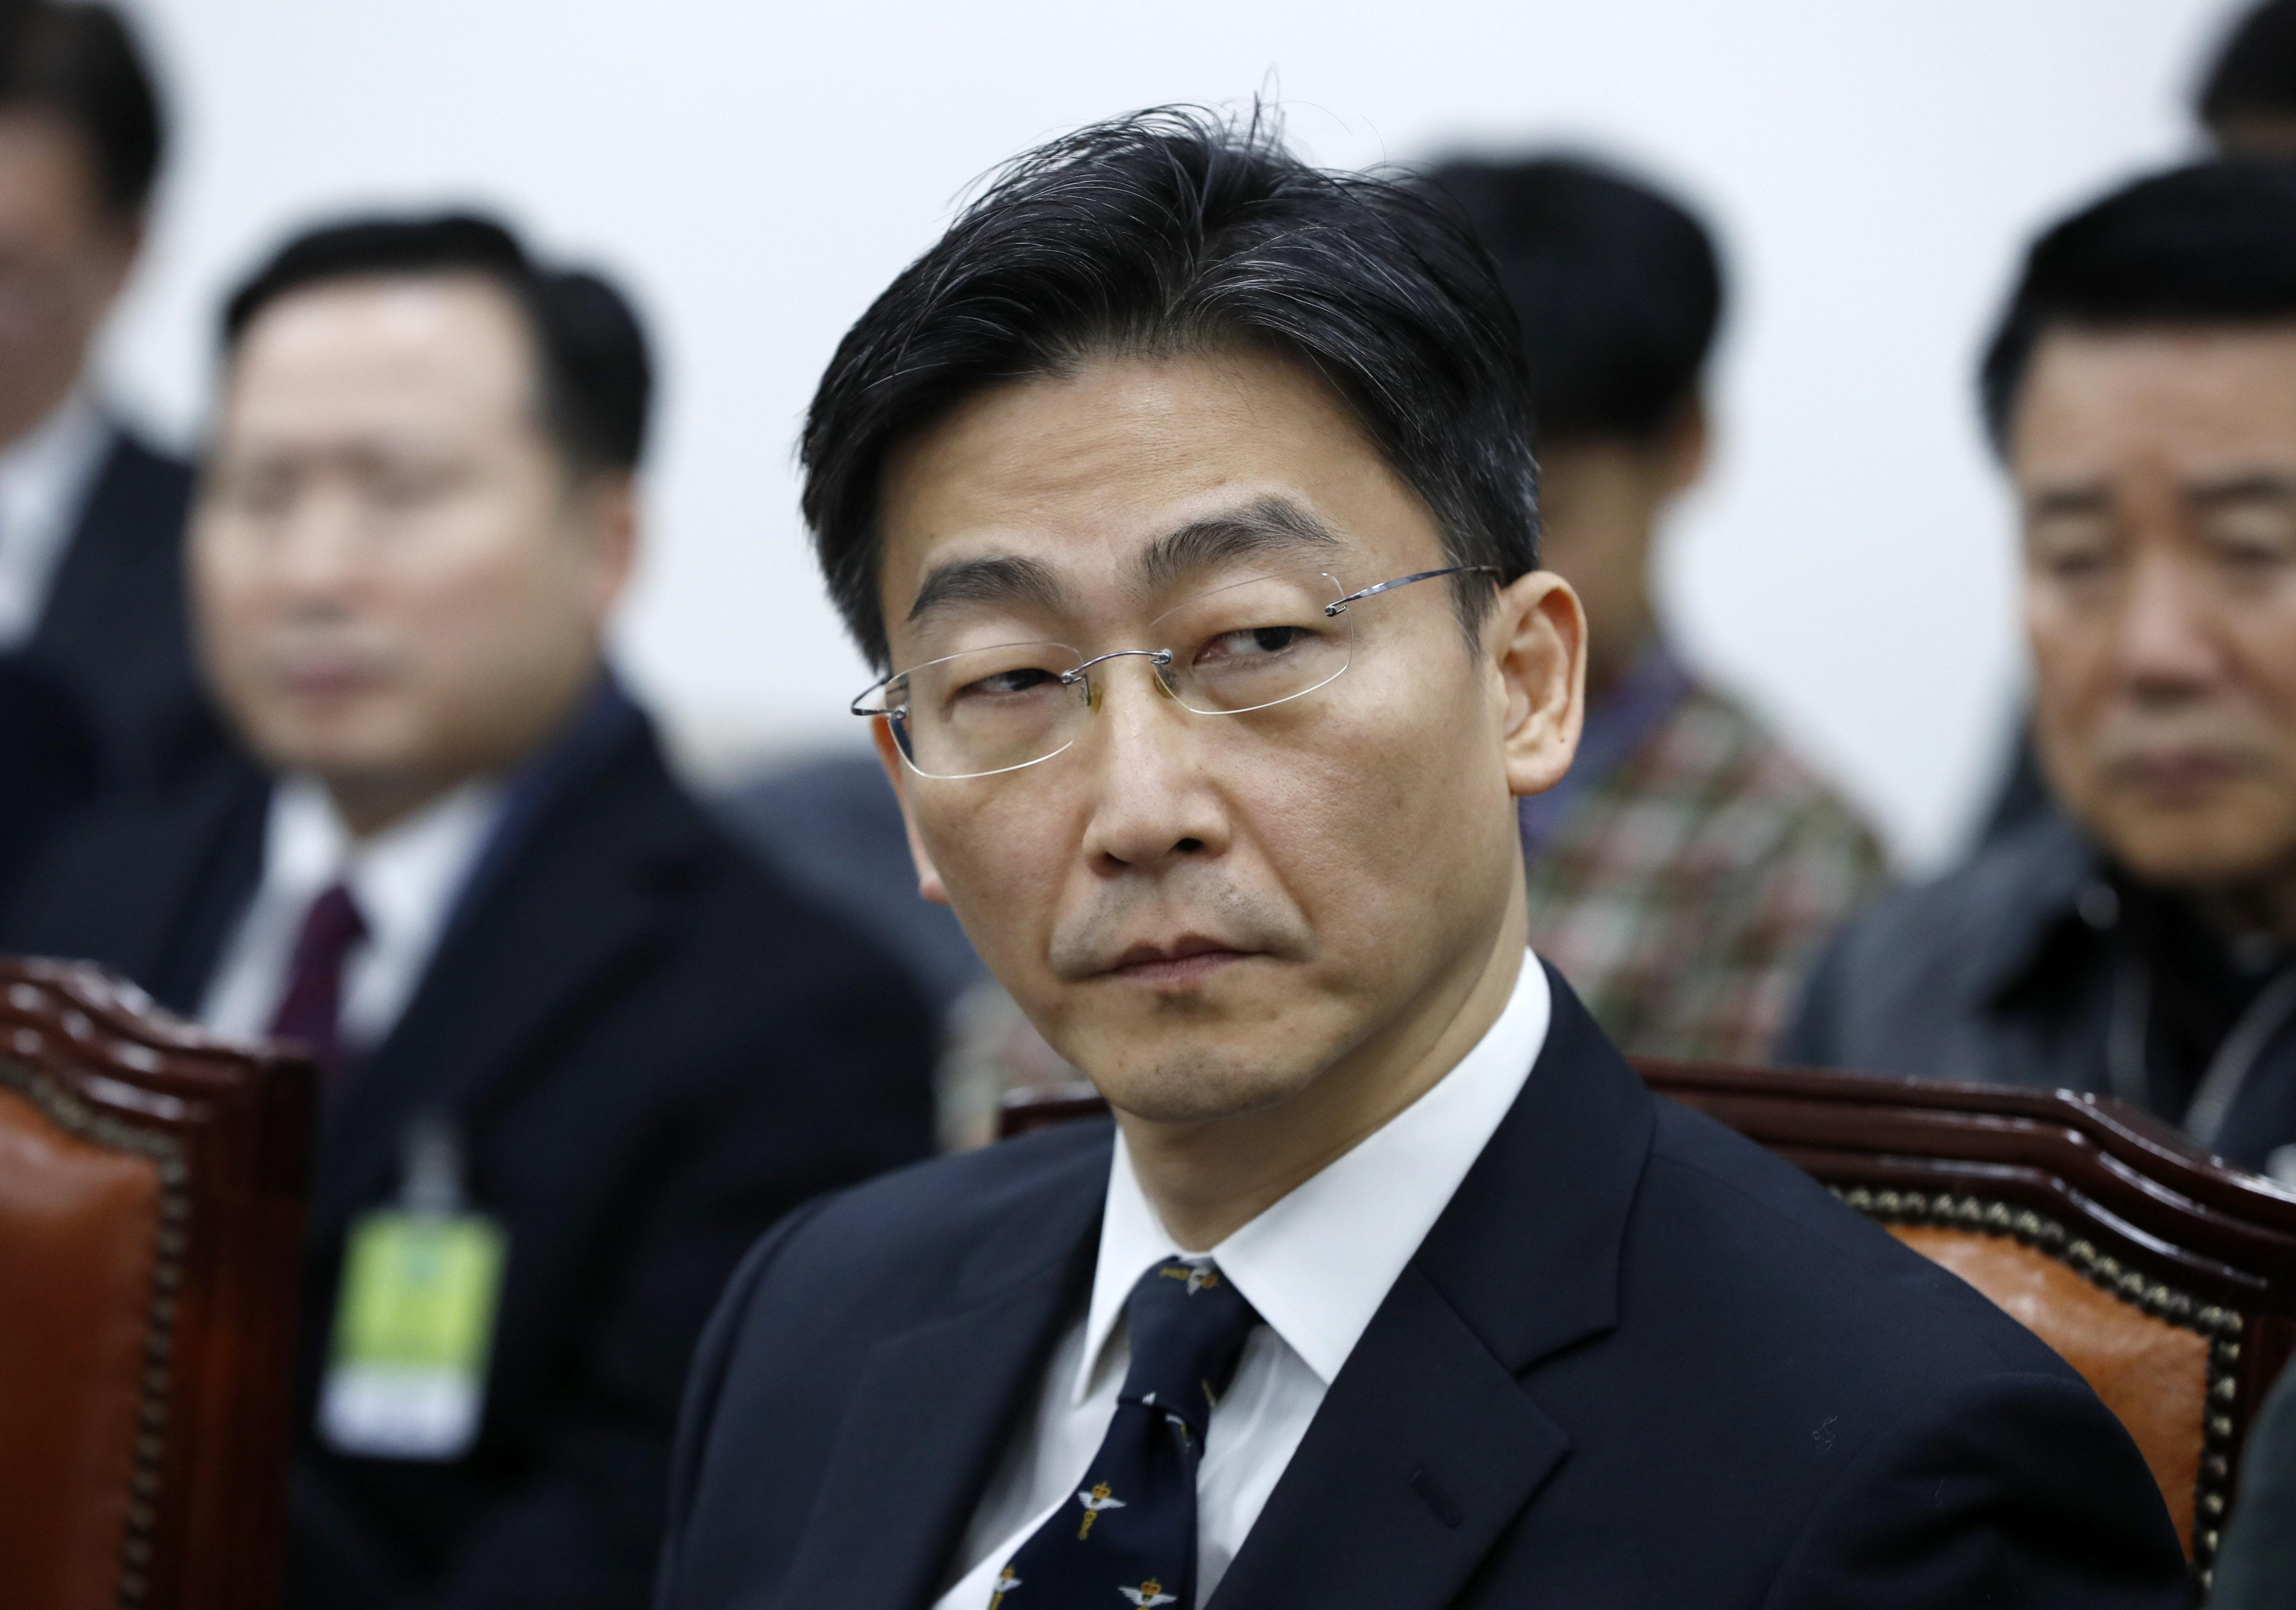 이국종 교수가 자유한국당 비대위원장직을 거절한 이유